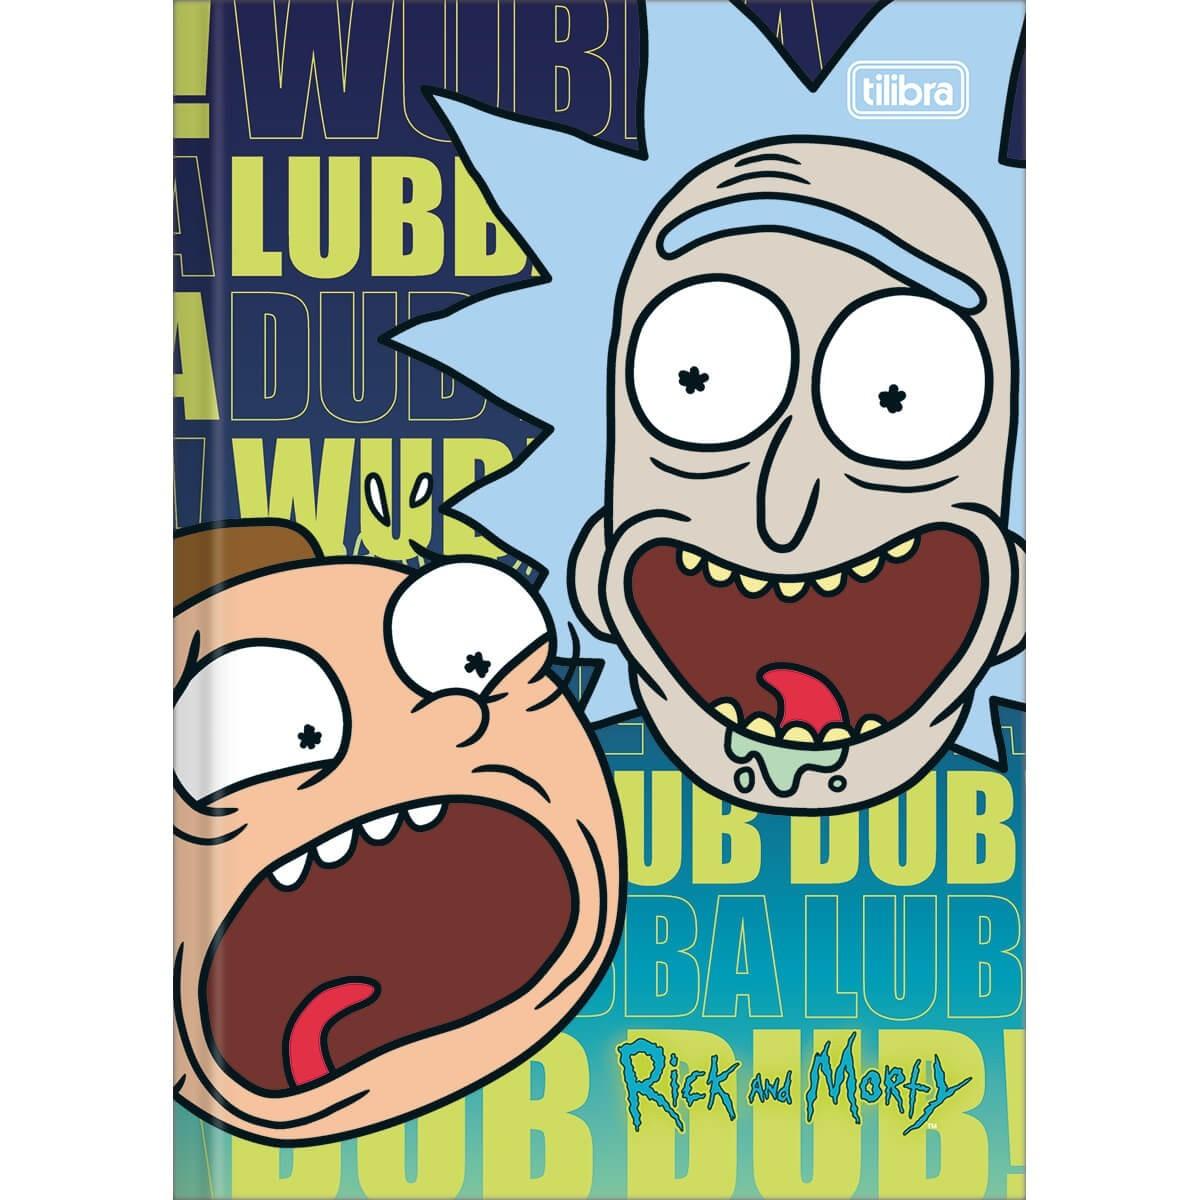 Caderno de brochura Rick e Morty (Foto: Divulgação)